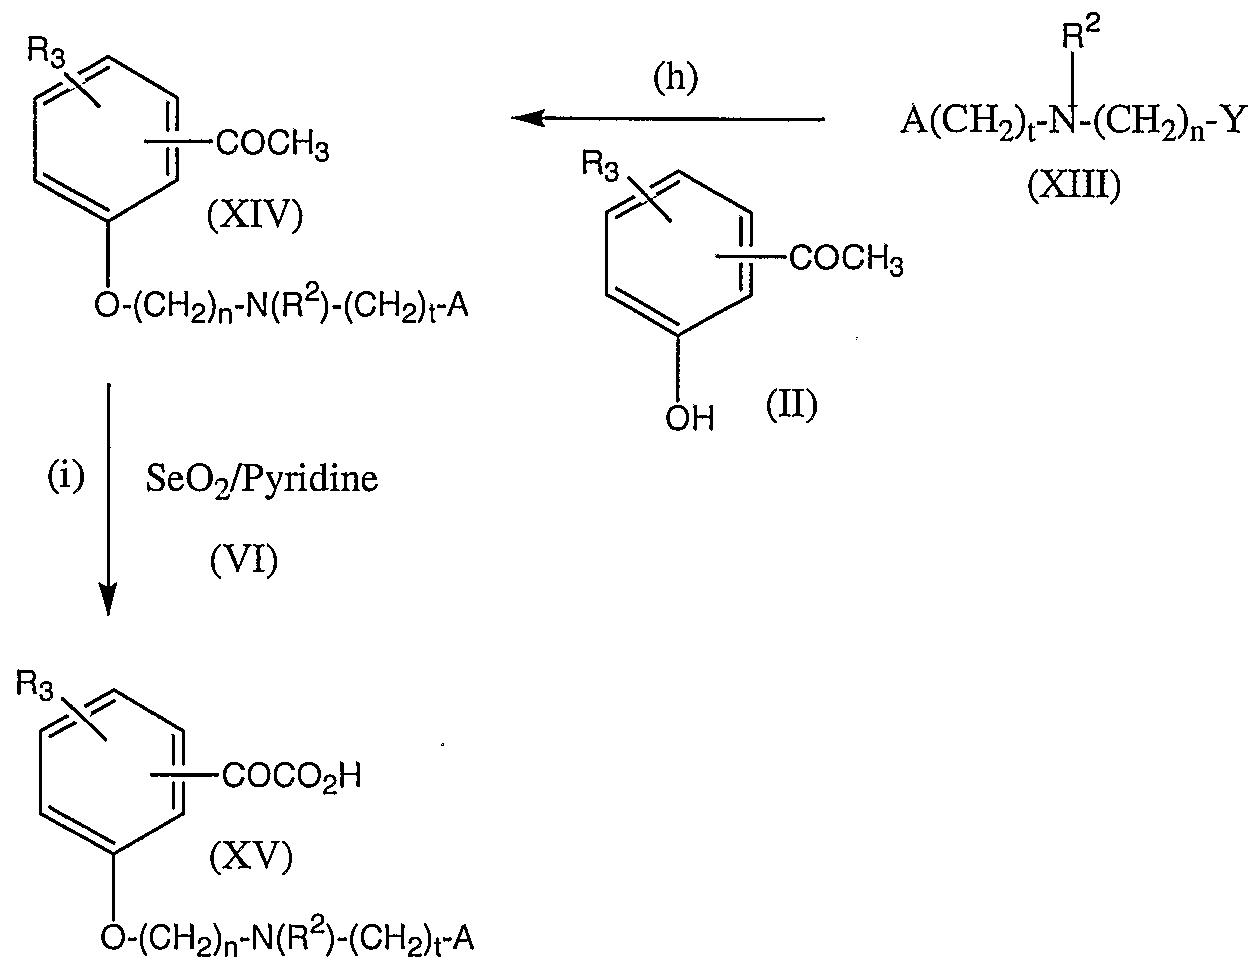 Recrystallization (chemistry)